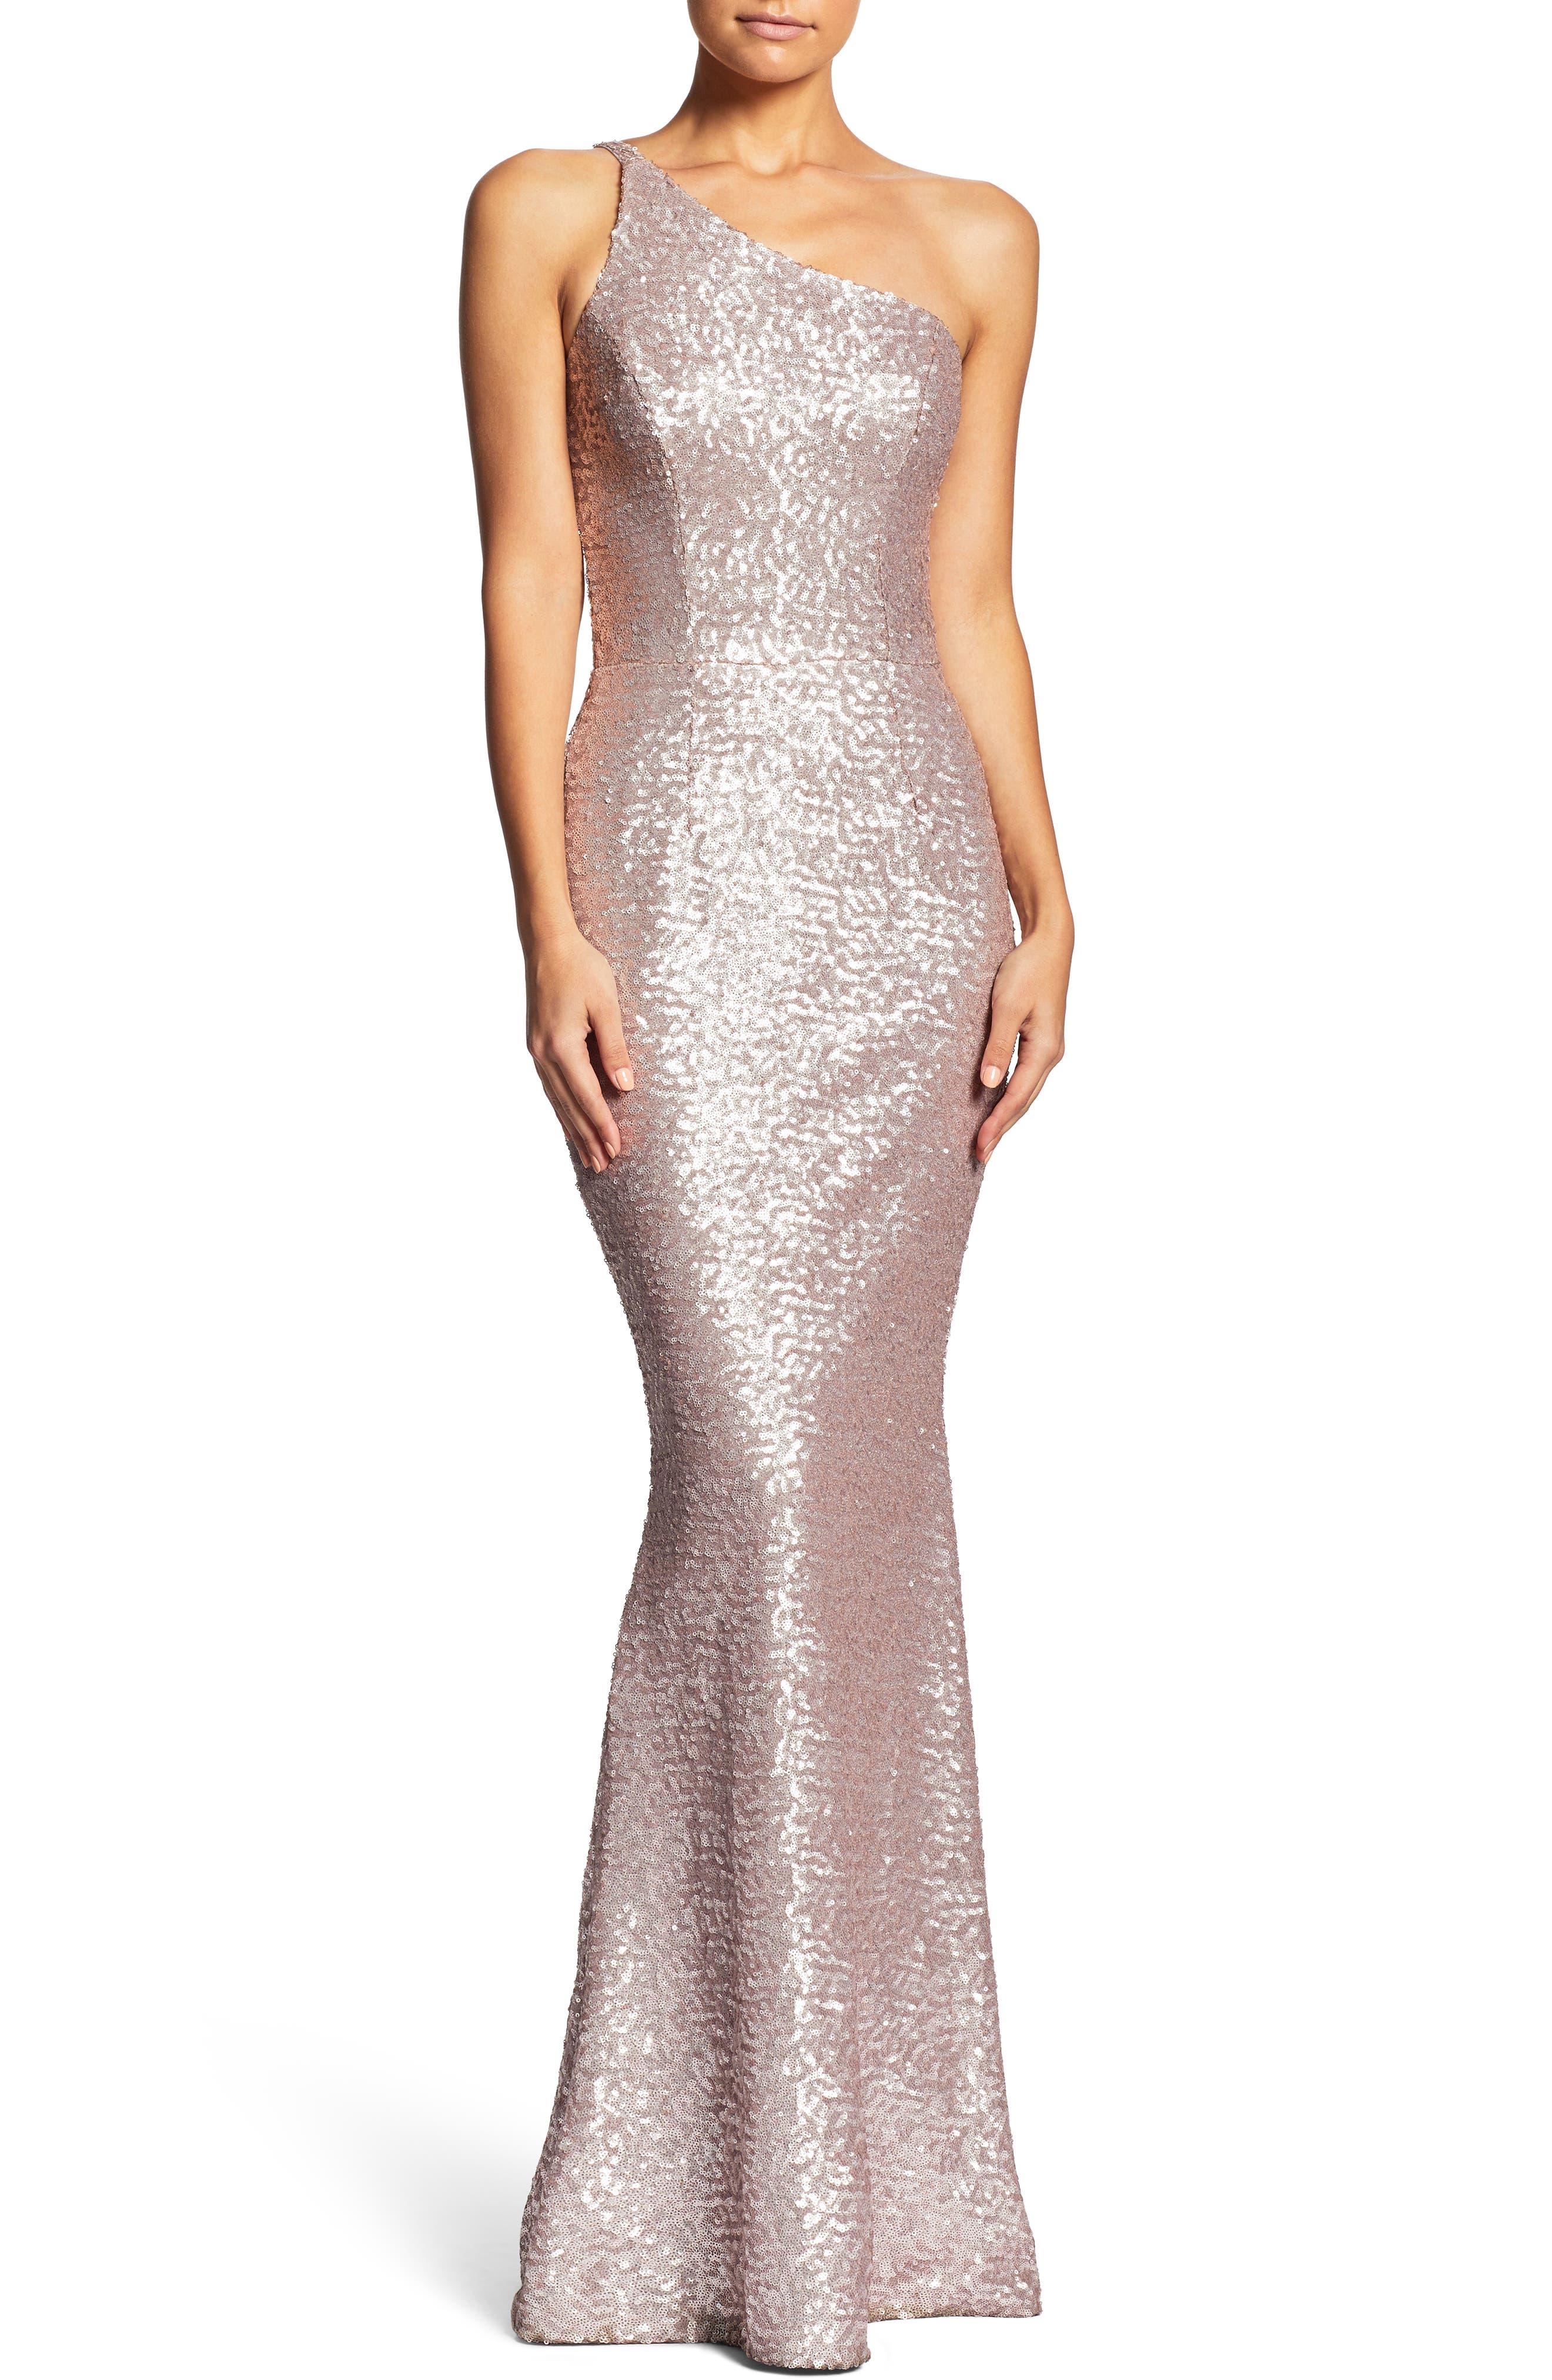 One Shoulder Mermaid Dresses